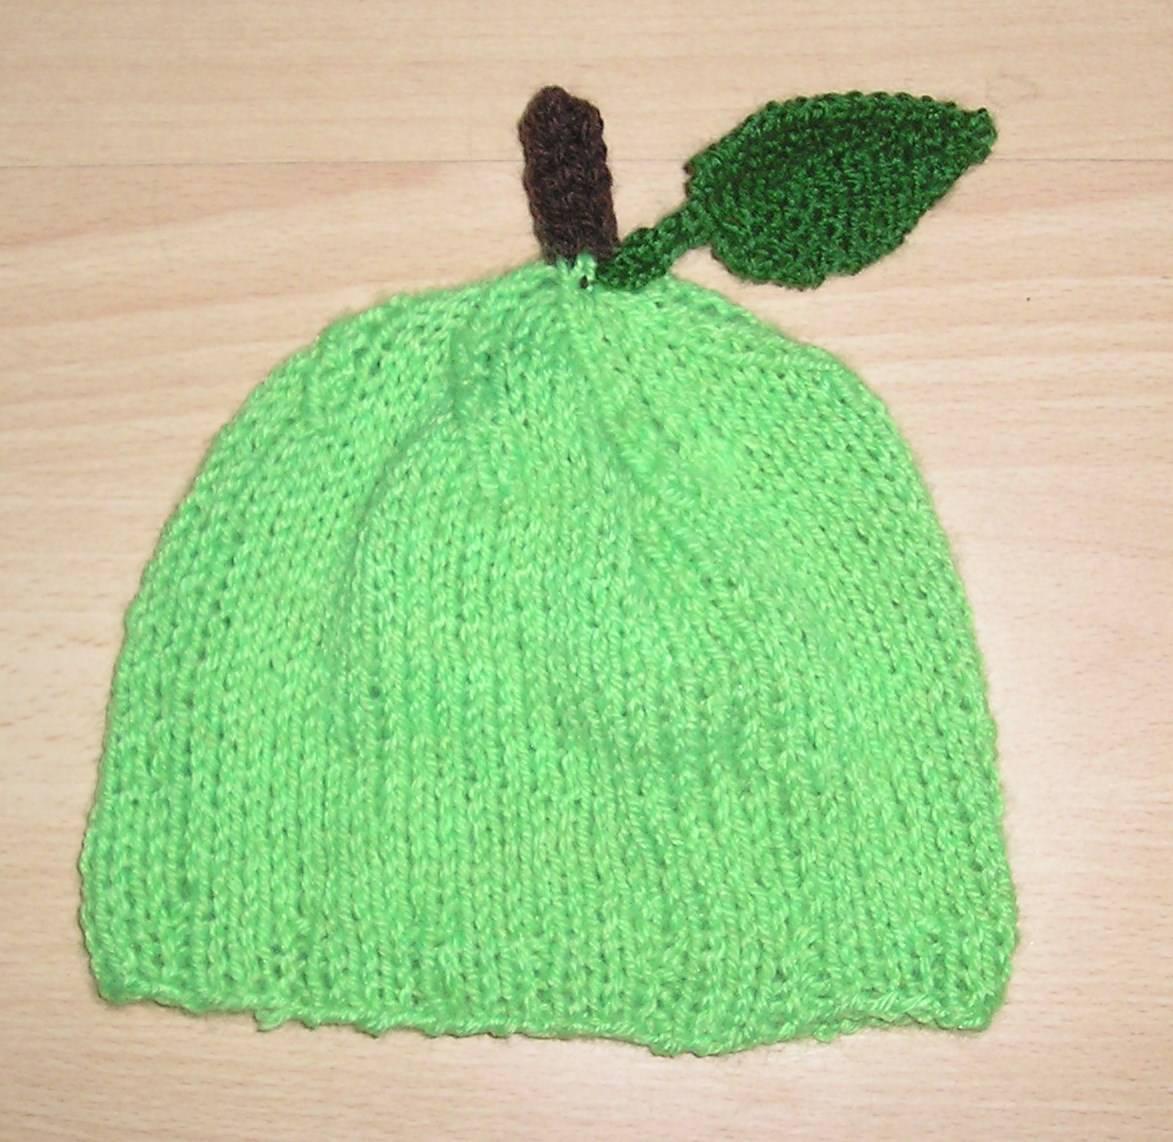 Kleinesbild - grüner Apfel Mütze ❀ Apfelmütze ❀